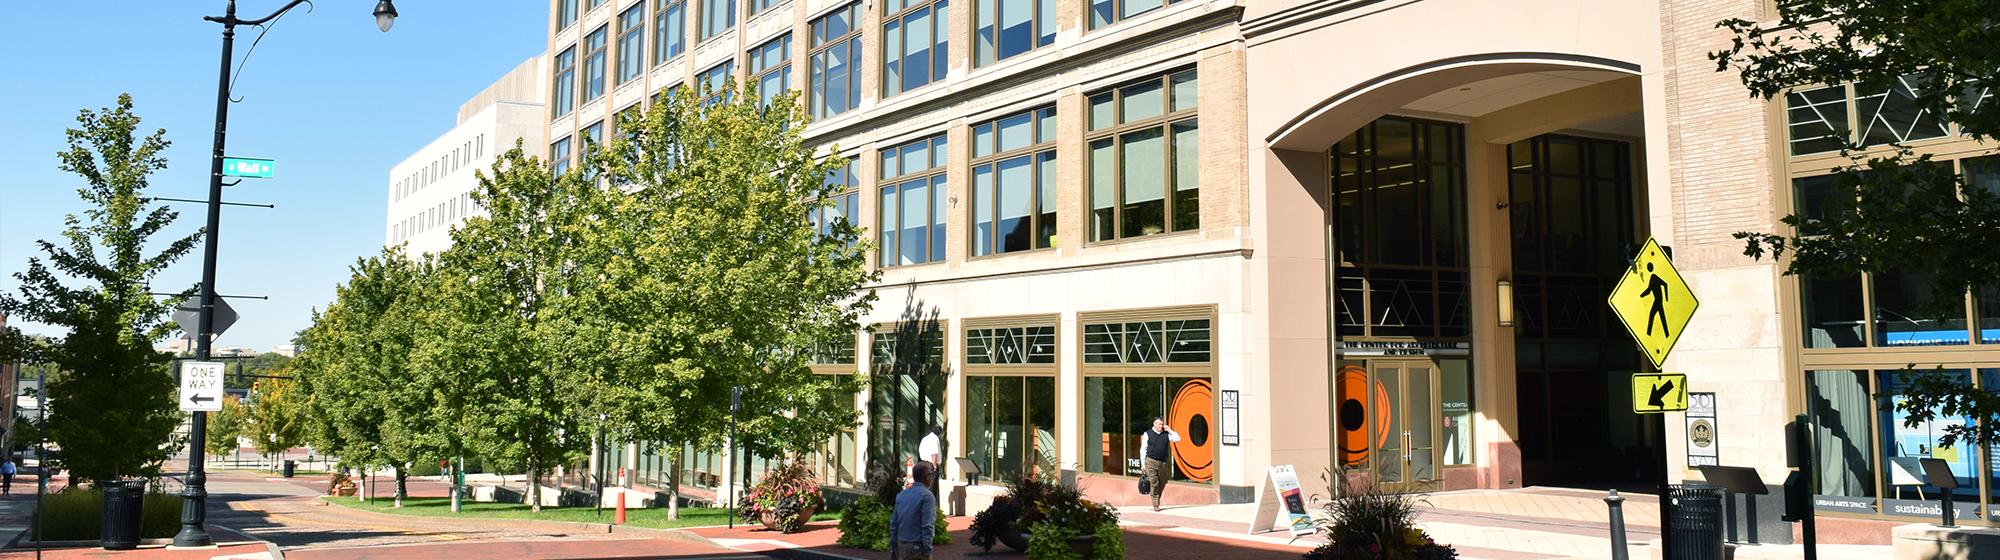 Lazarus Building: Columbus Downtown Development Corp